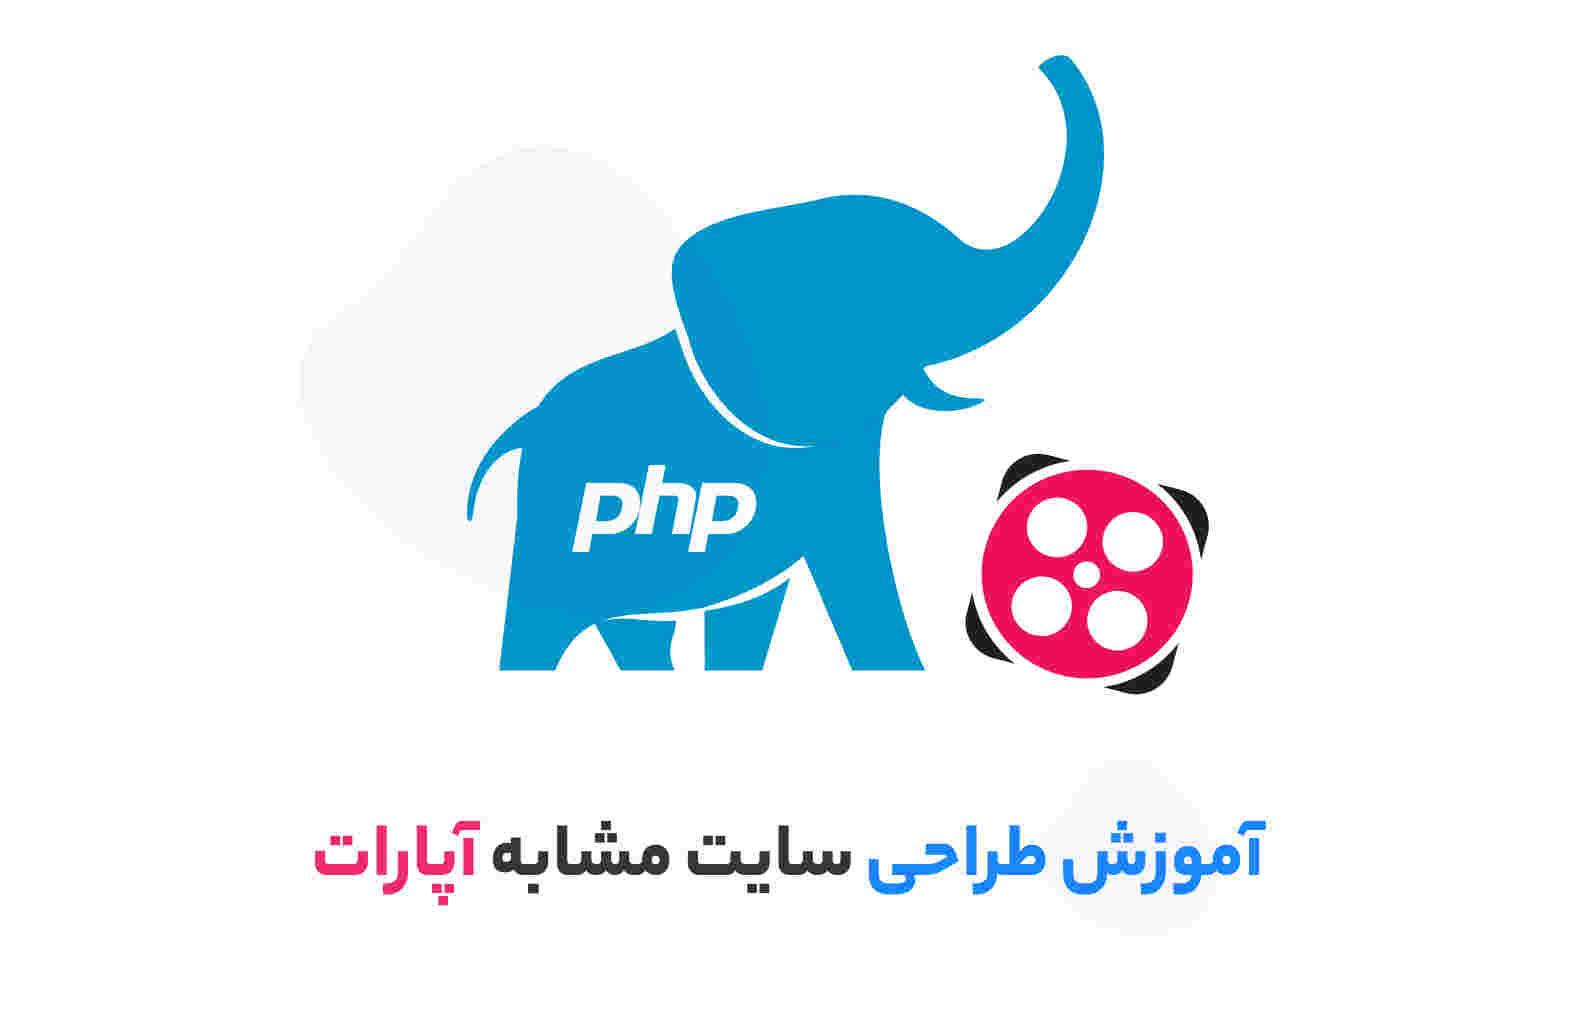 آموزش طراحی سایت مشابه آپارات (اشتراک گذاری ویدئو) با php